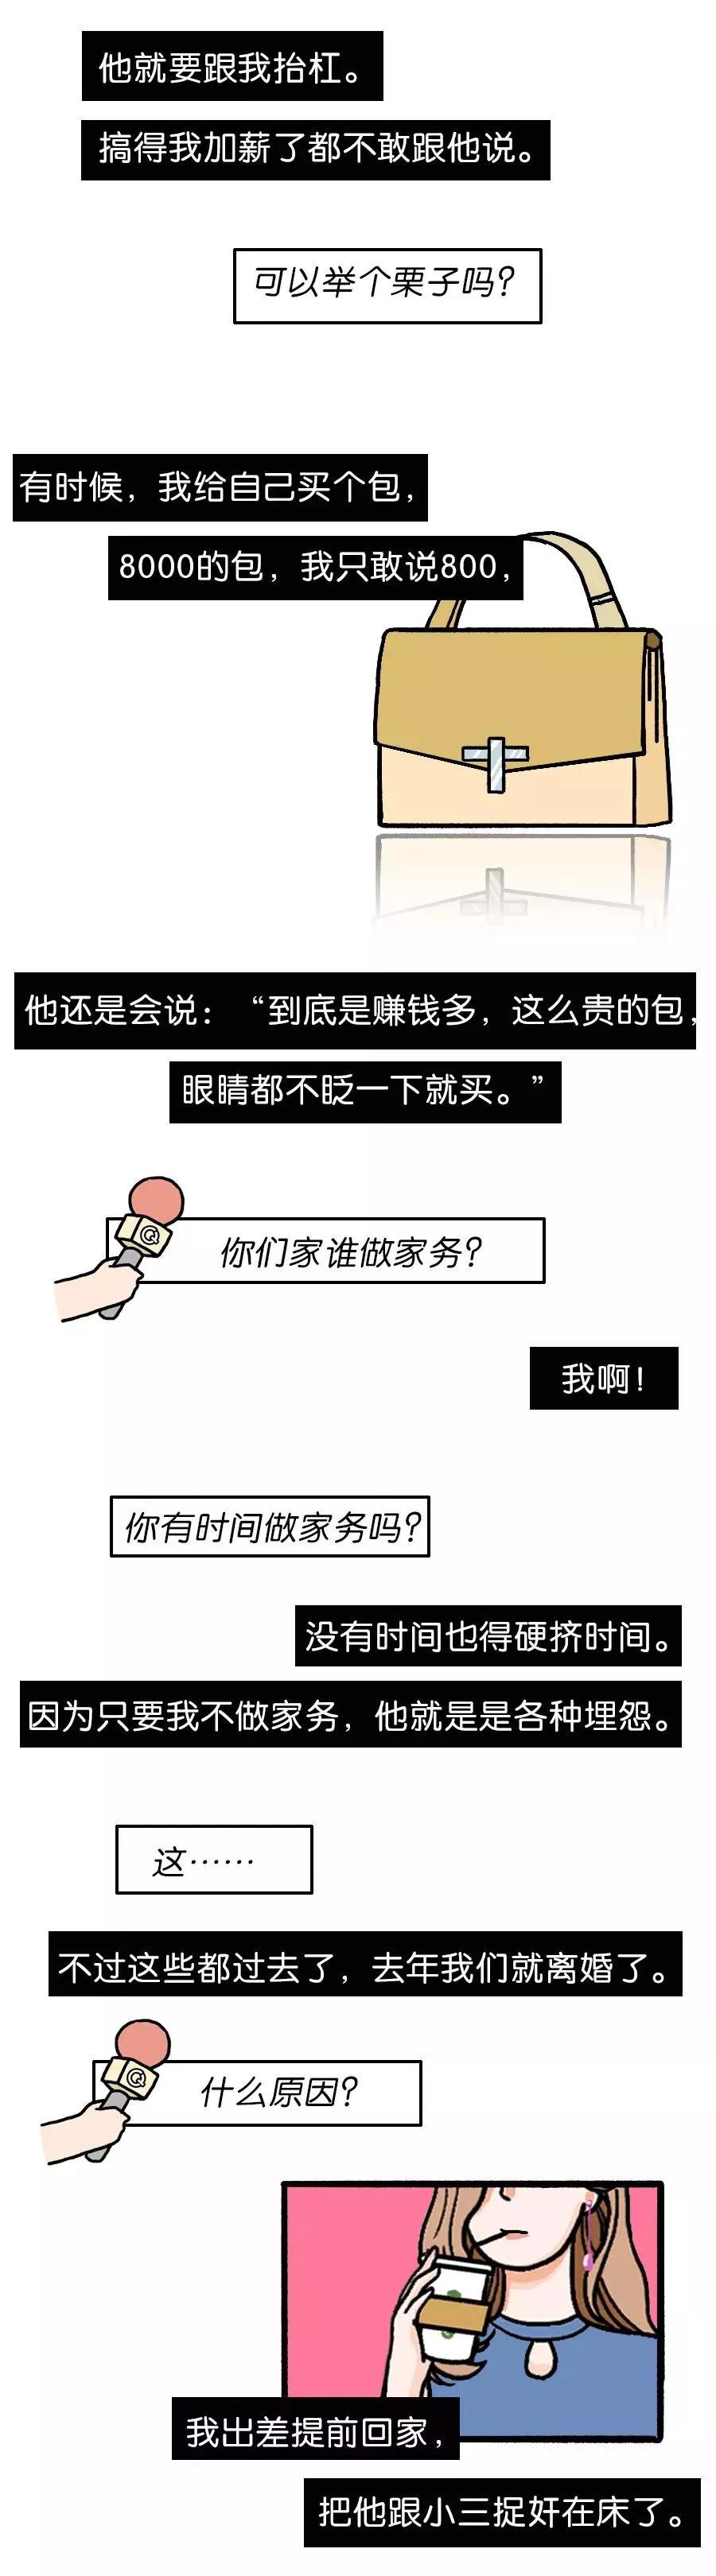 美高梅手机版官方网站 16